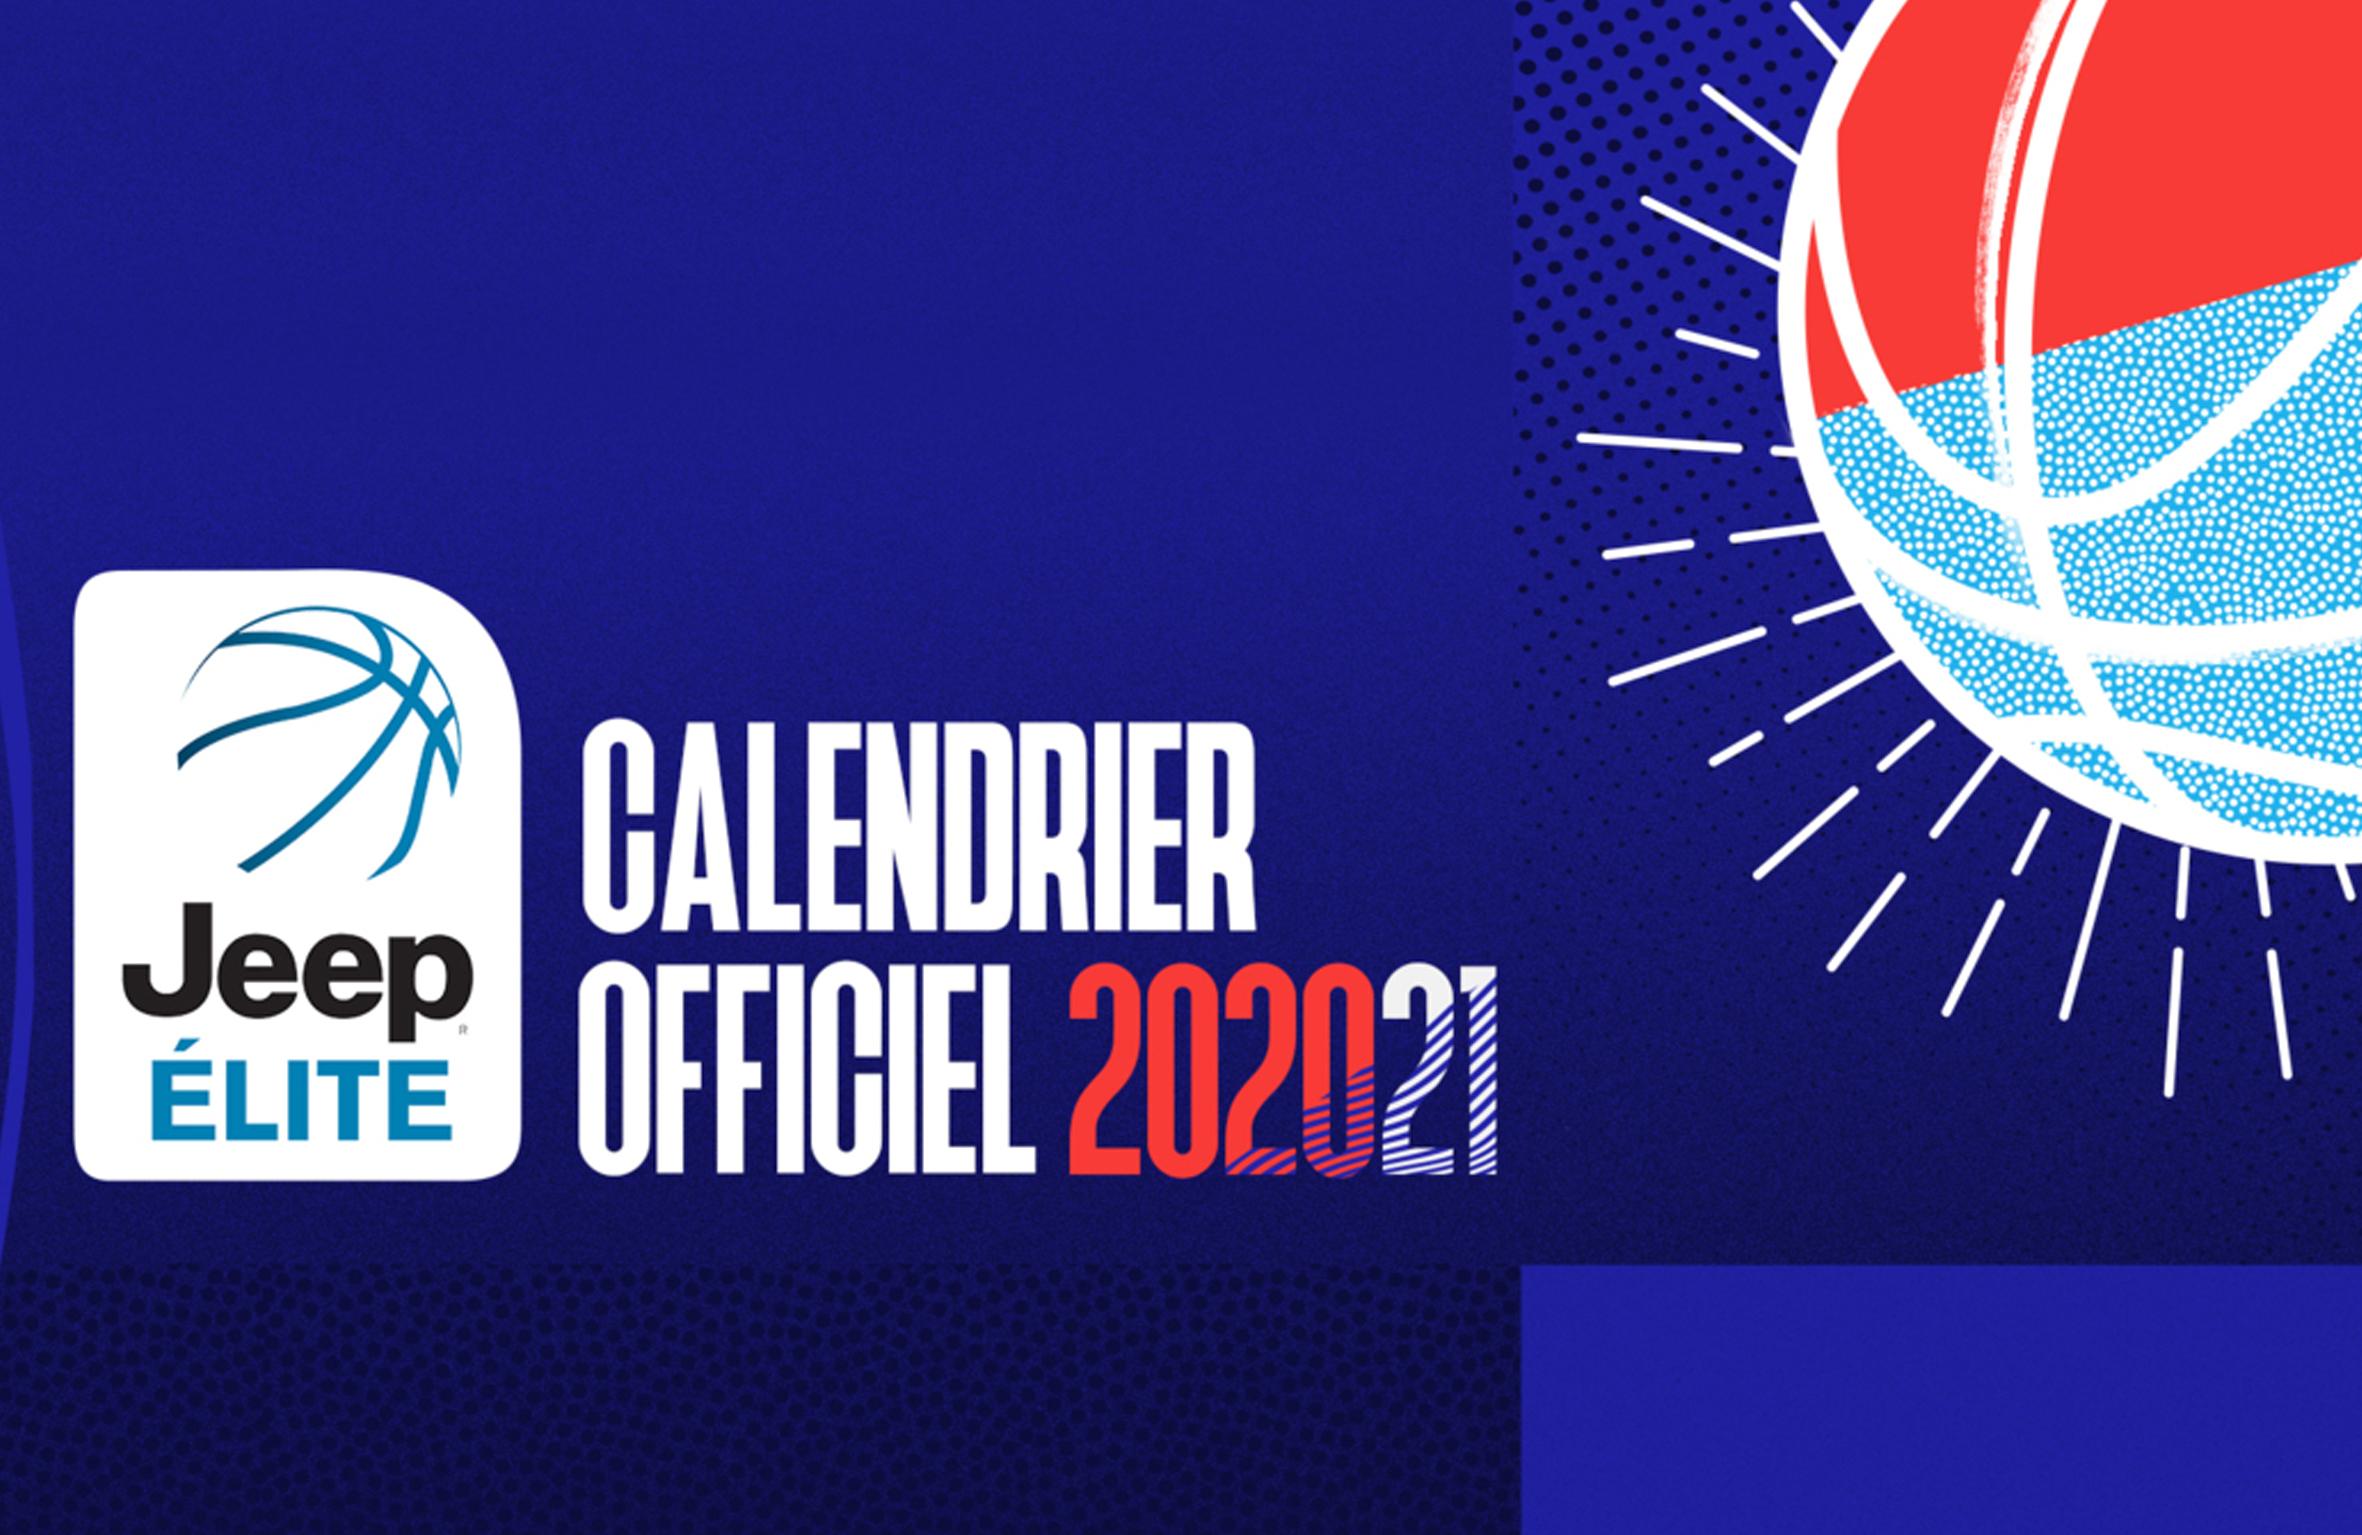 LE CALENDRIER DE LA JEEP®ÉLITE   SAISON 2020/2021 EST CONNU